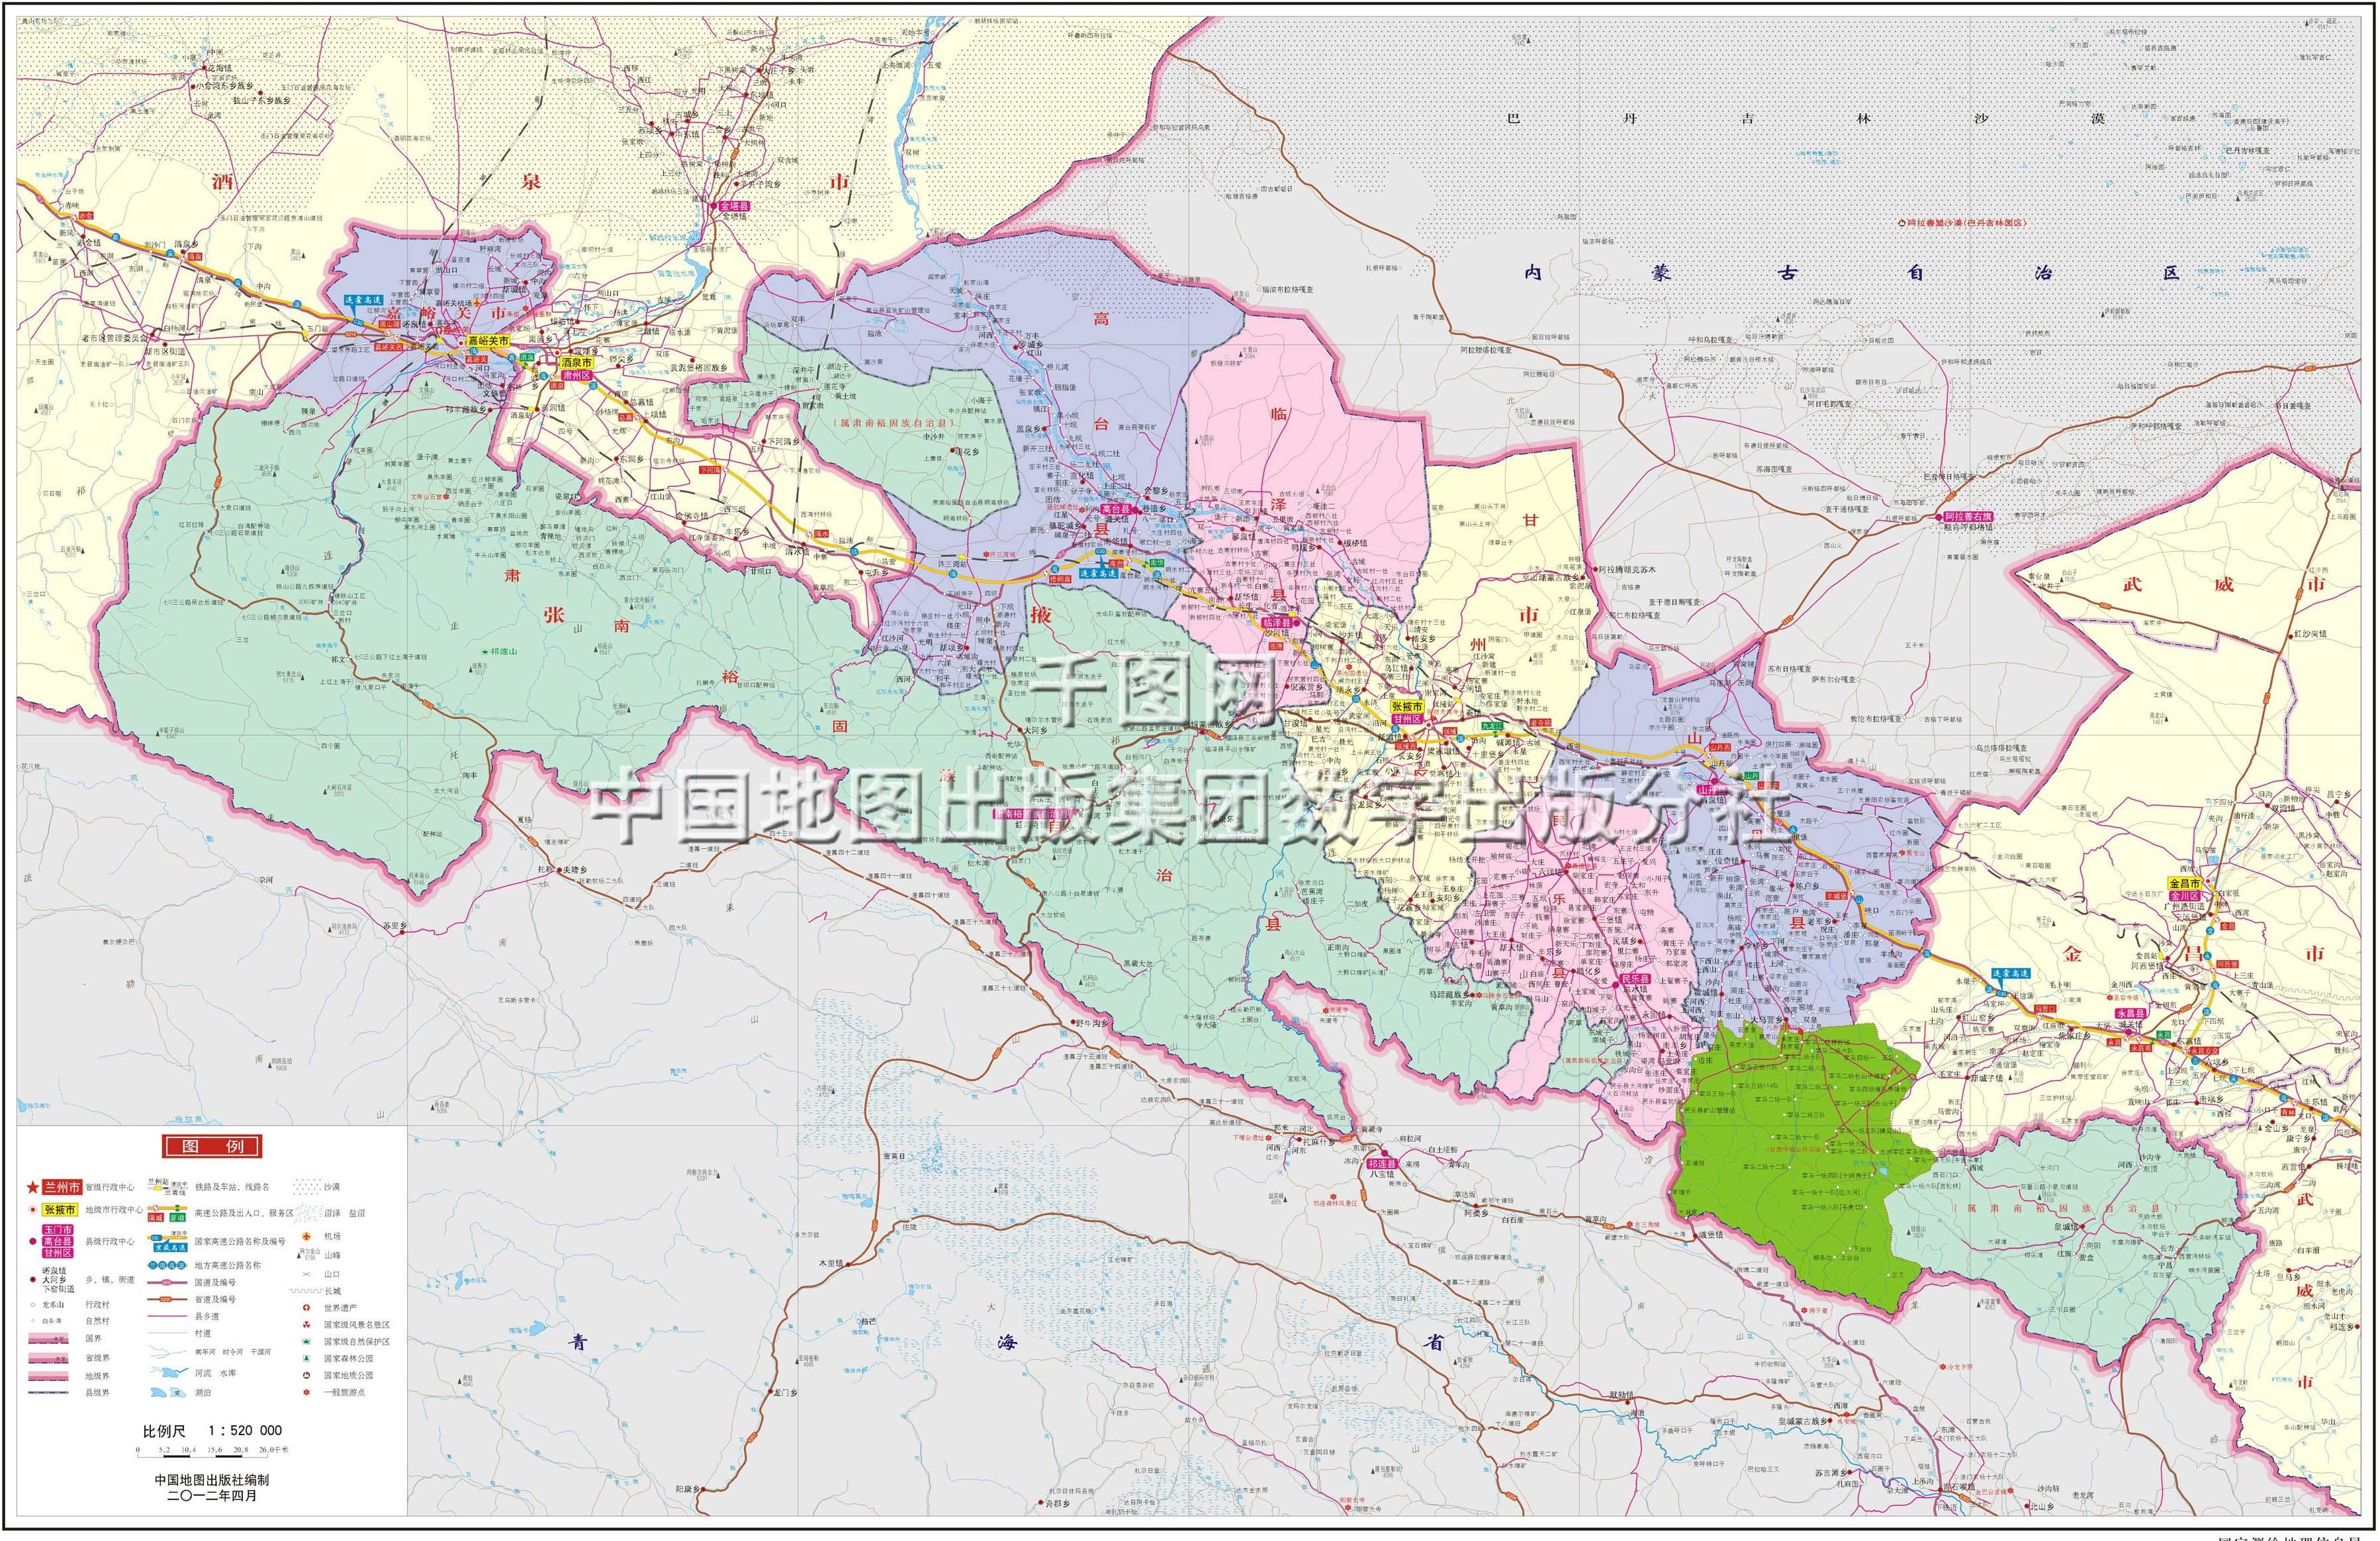 张掖市地图高清版